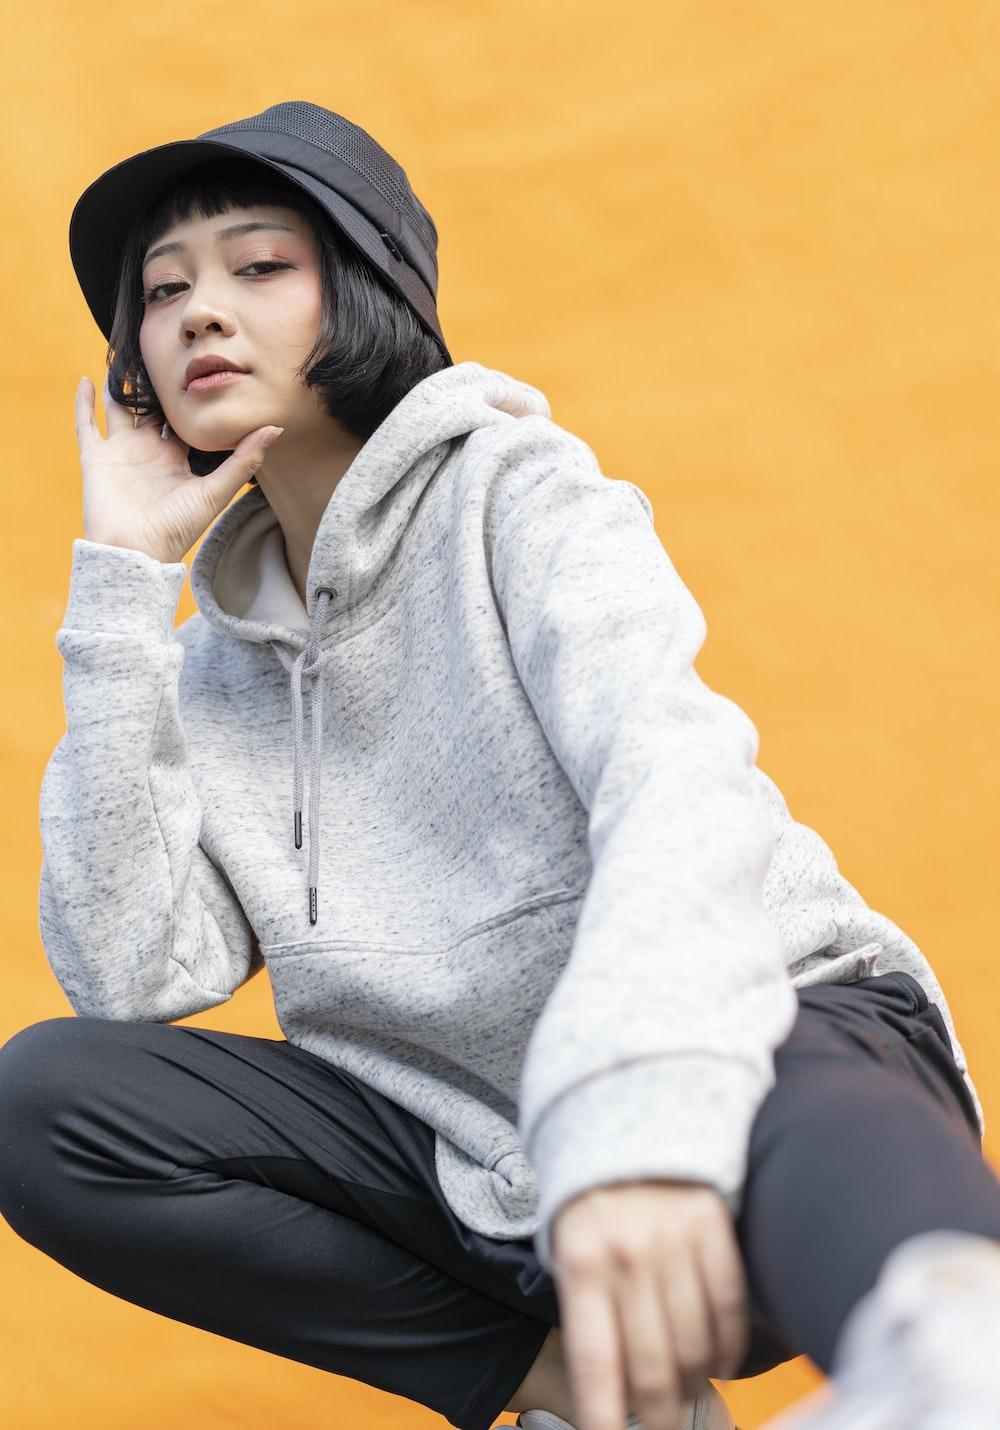 woman in gray hoodie and black pants sitting on brown wooden floor